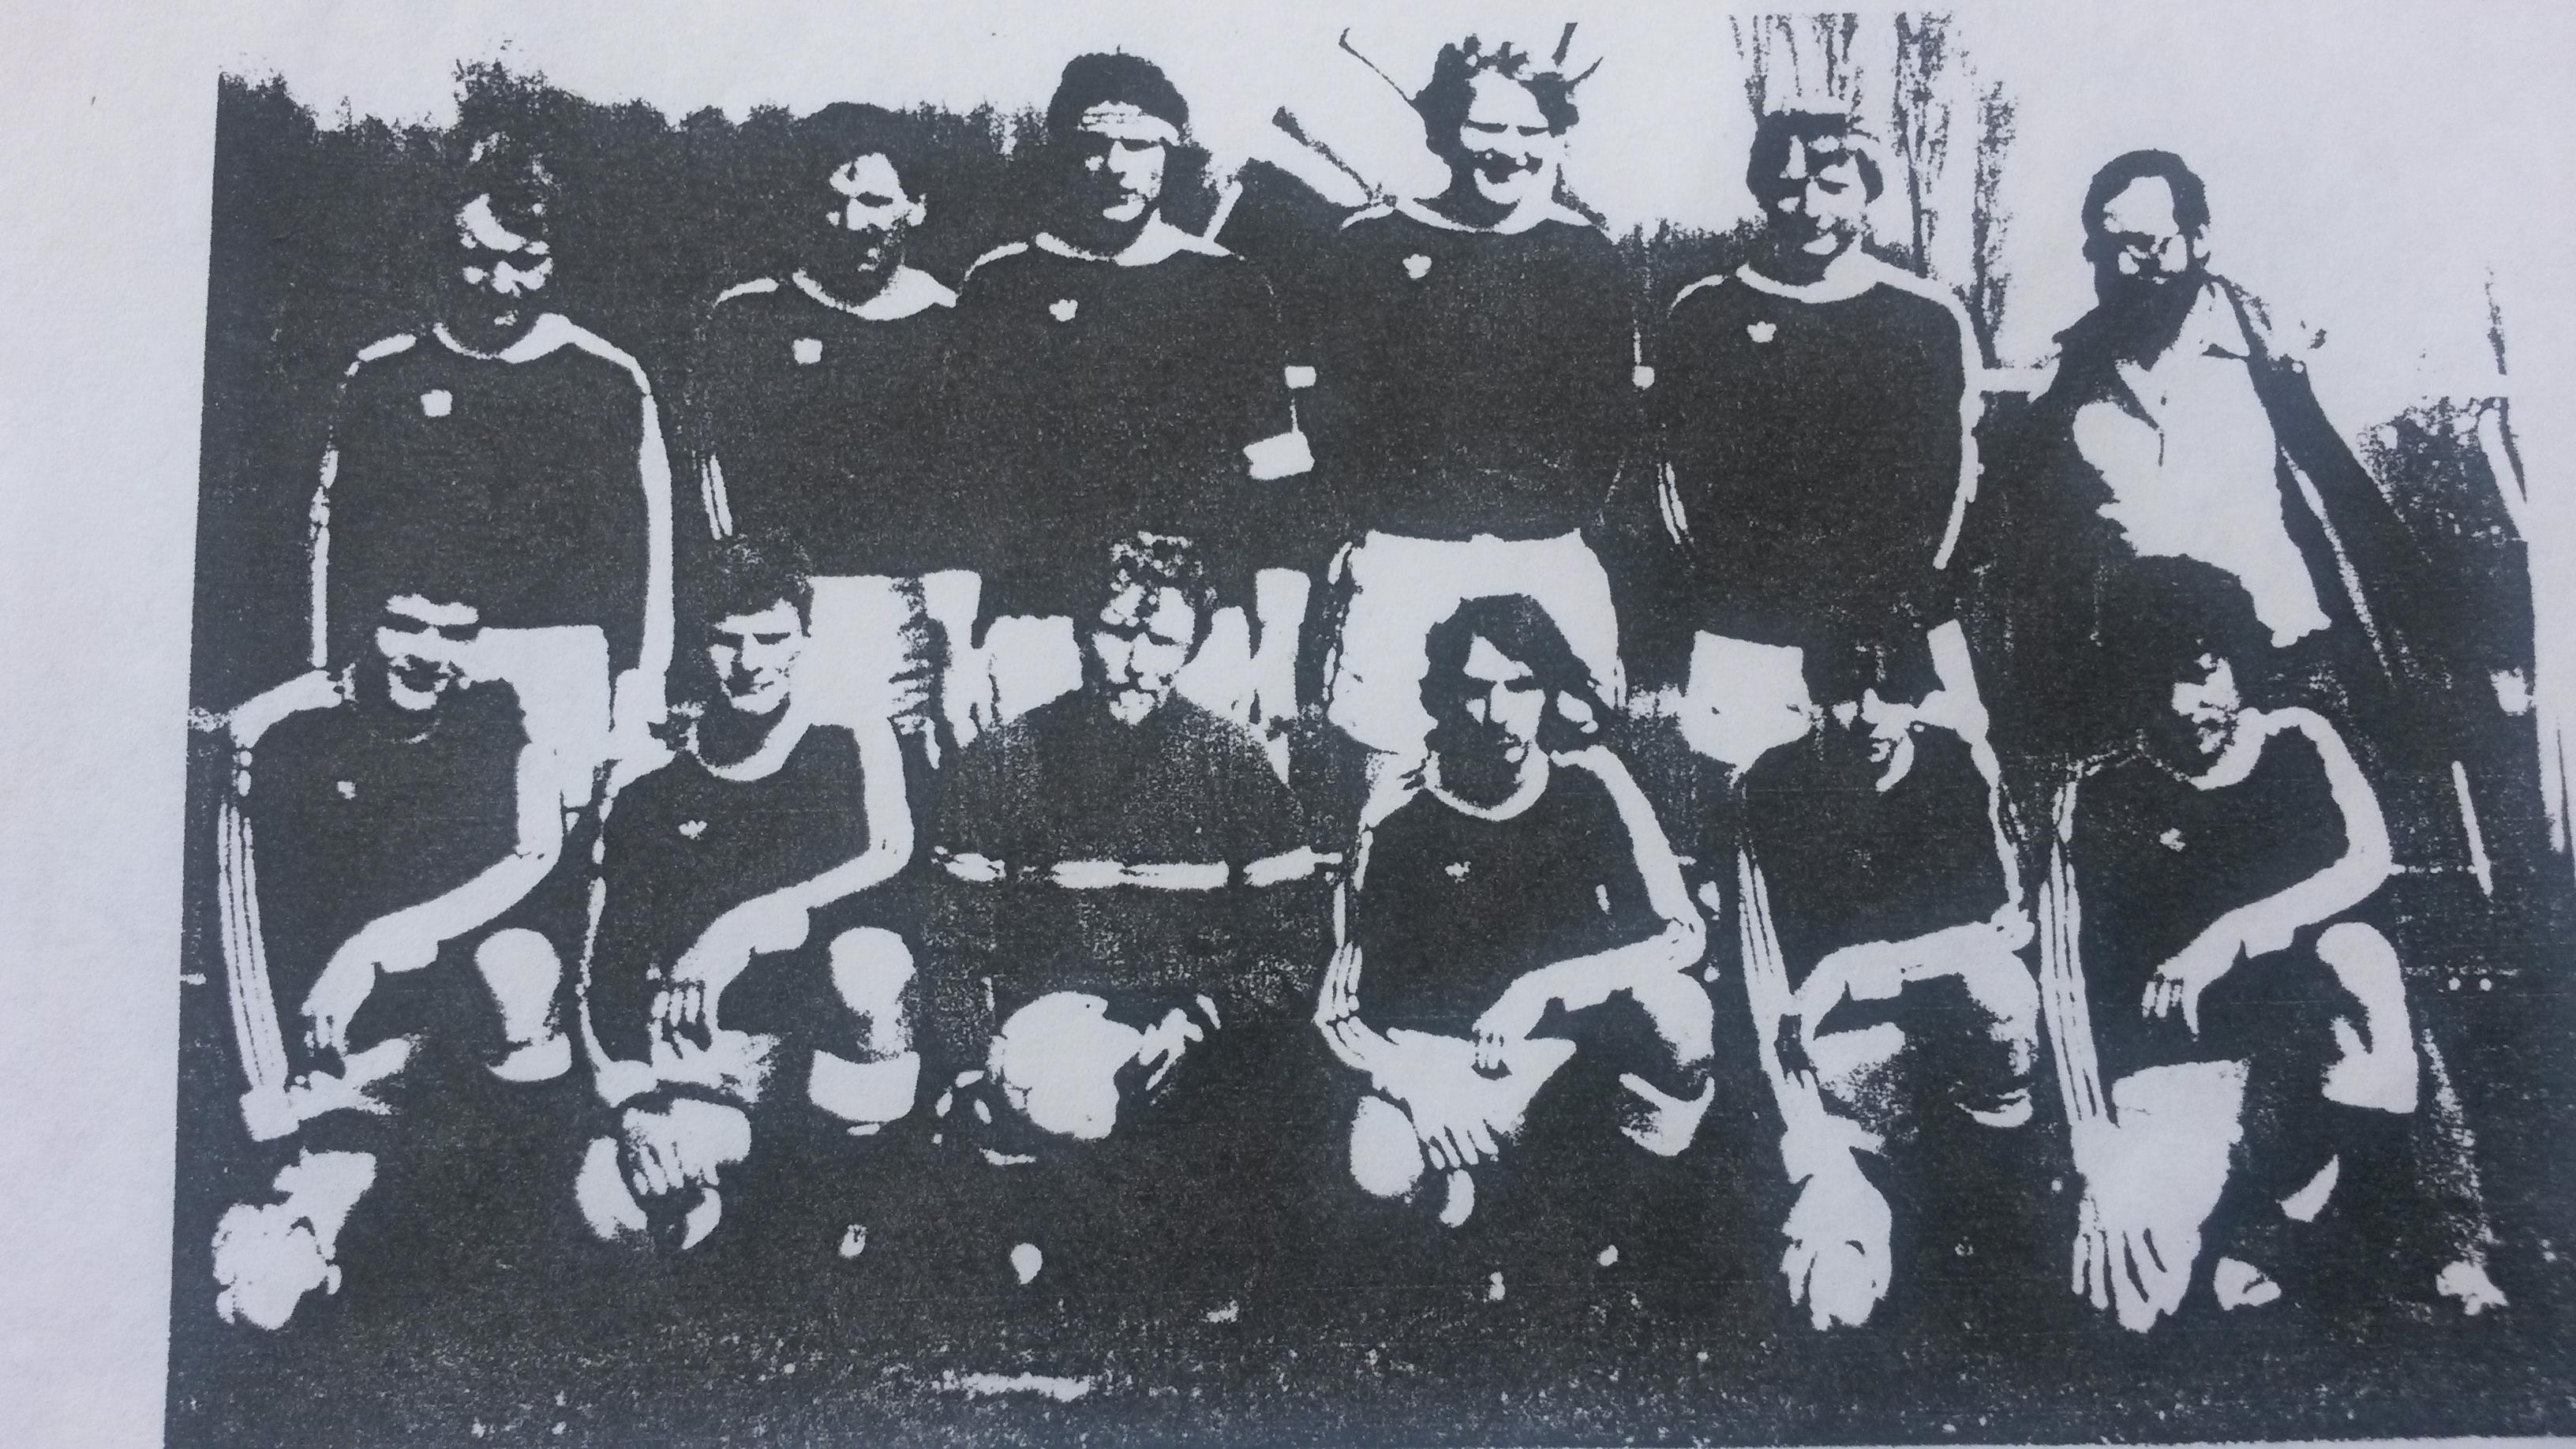 1984bsvmeisterteam